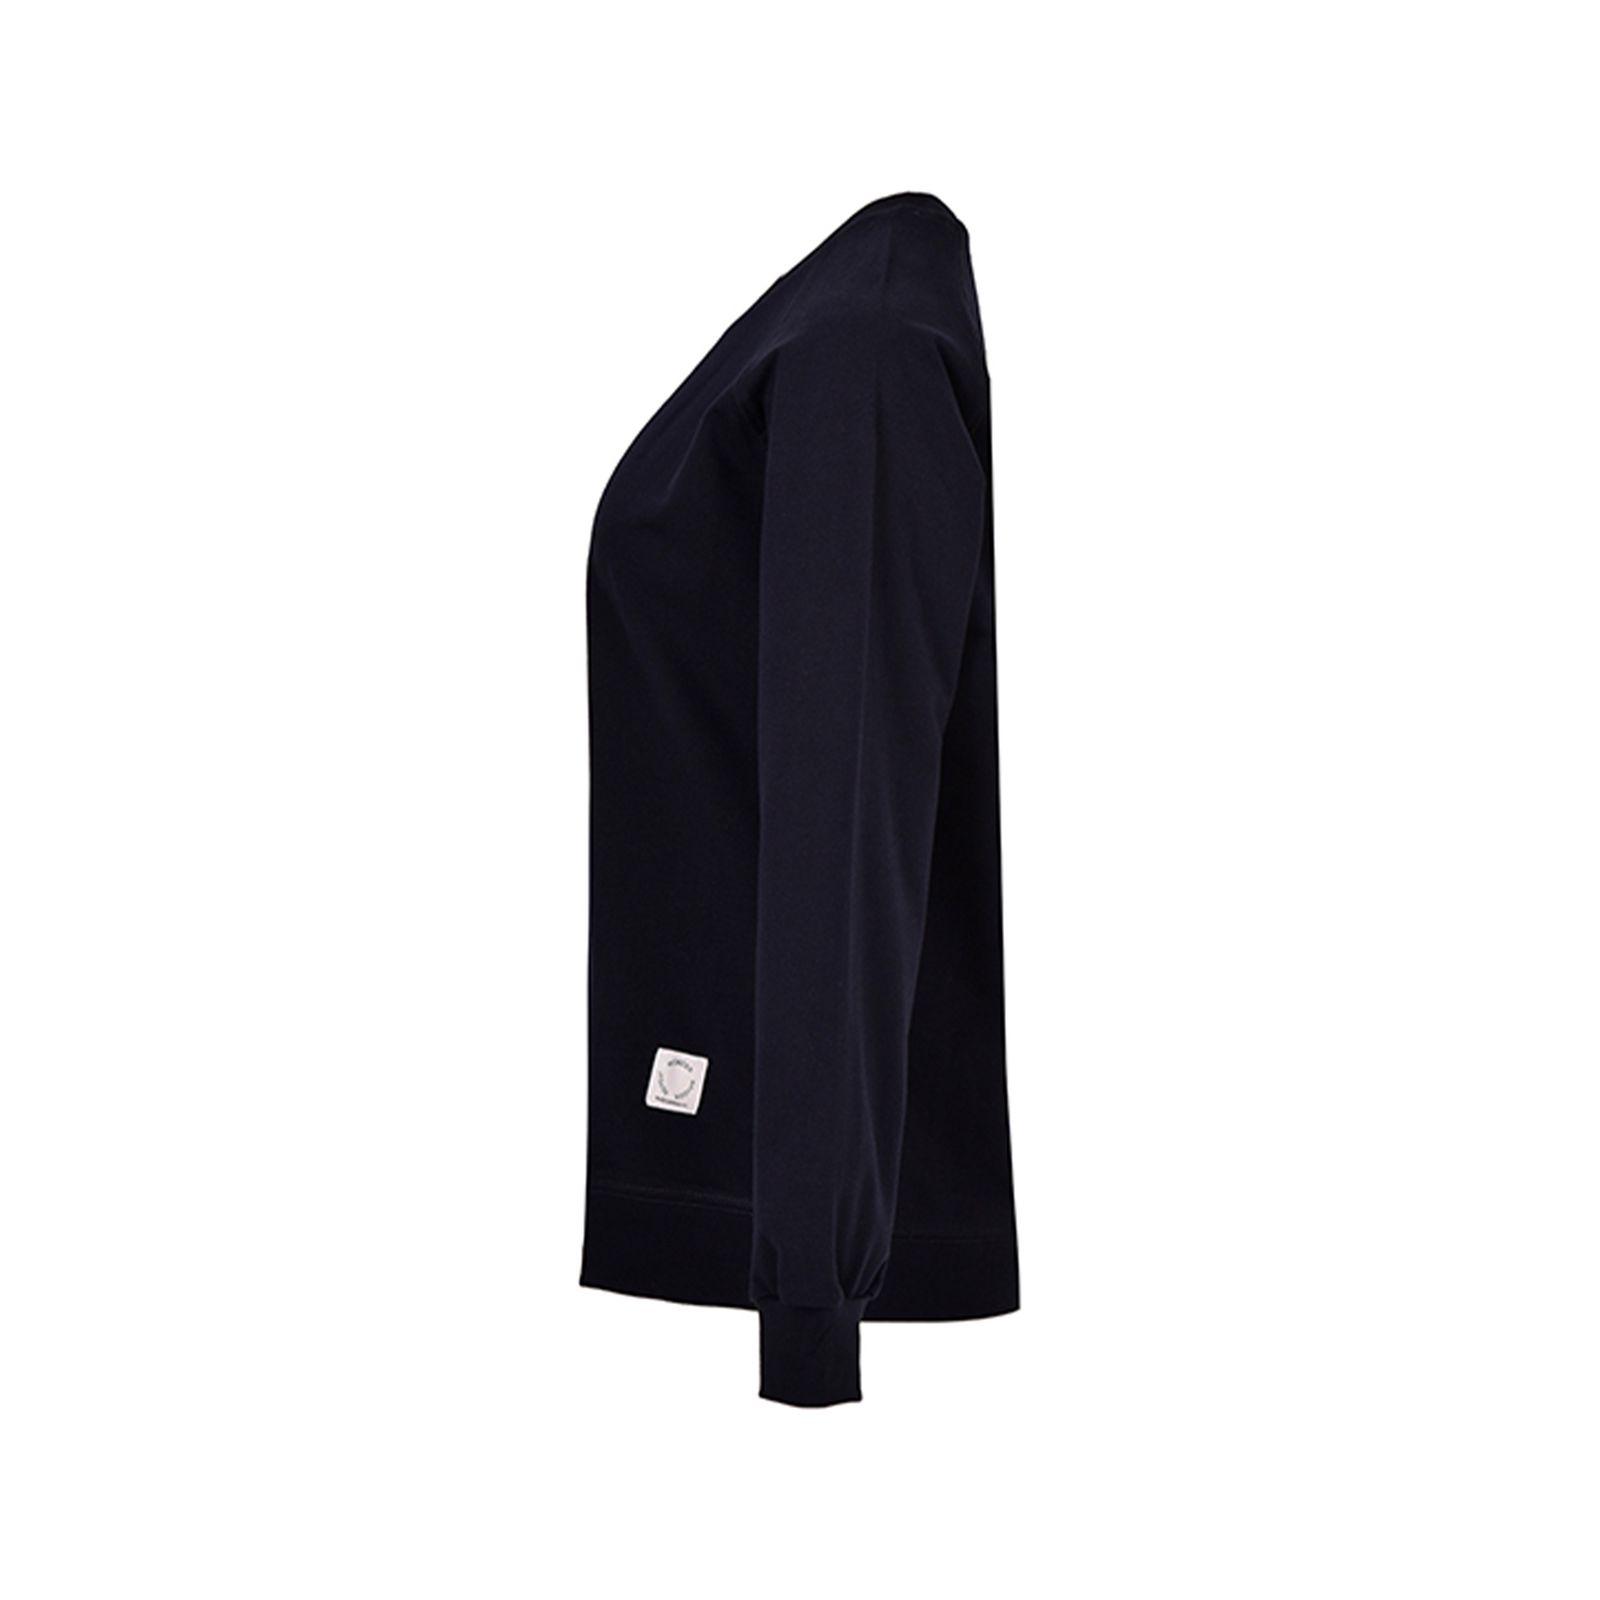 سویشرت زنانه بادی اسپینر مدل 2565 کد 1 رنگ سرمه ای -  - 3